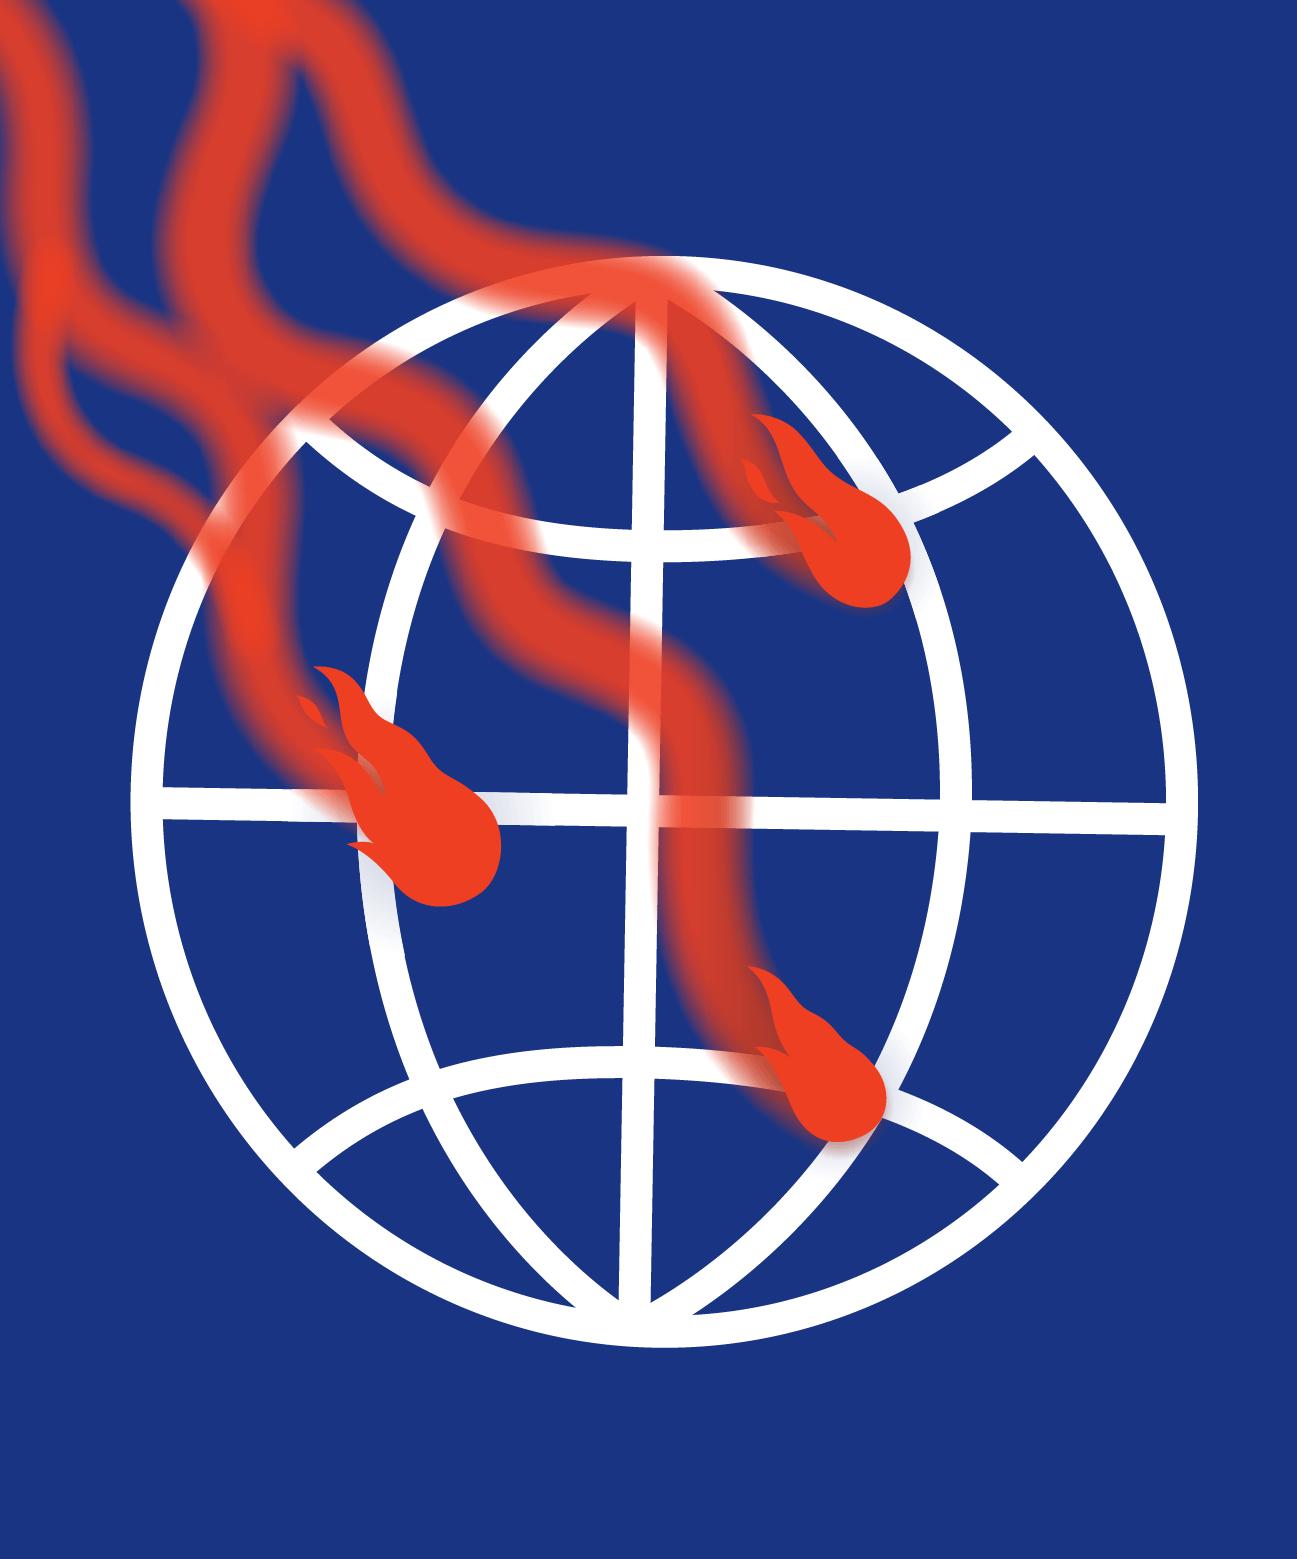 A global rebellion. Ecologistas en acción